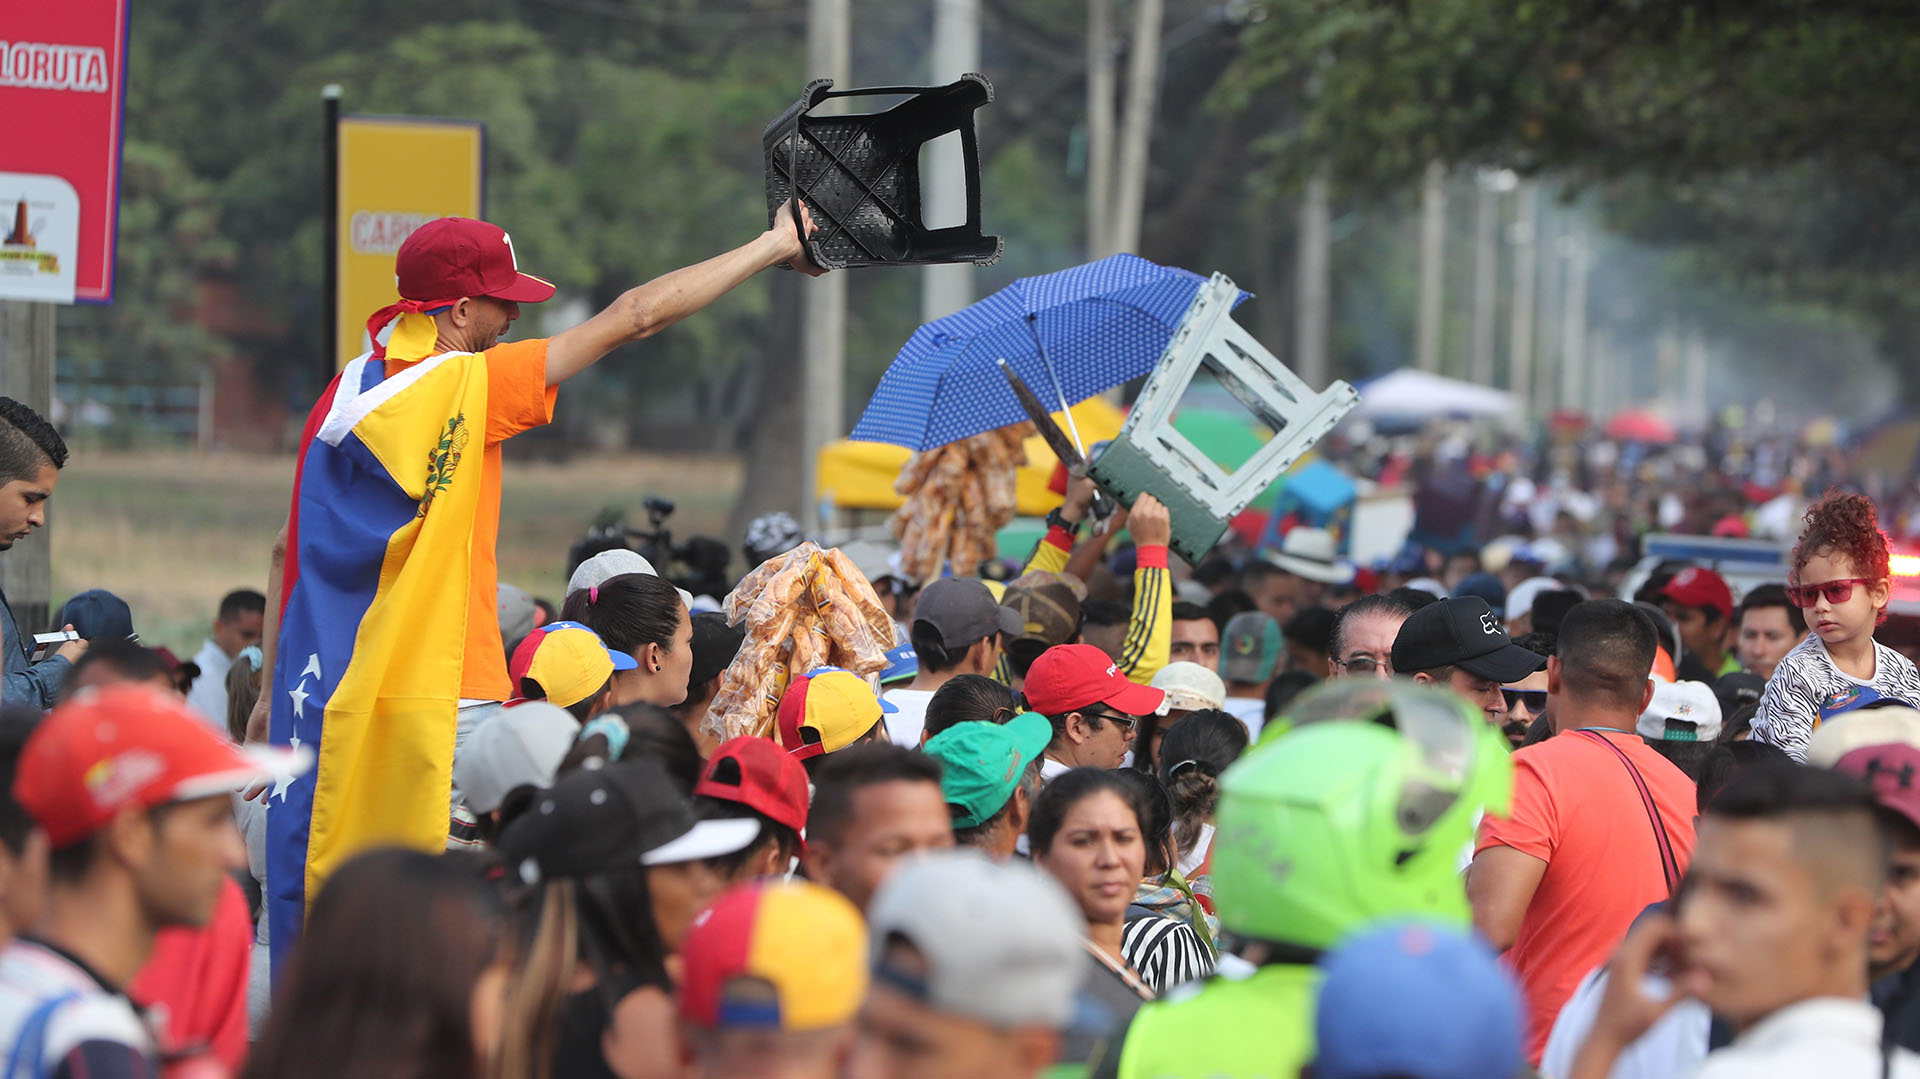 Venezolanos en el concierto Venezuela Aid Live en Cúcuta, Colombia. (EFE/ Ernesto Guzmán